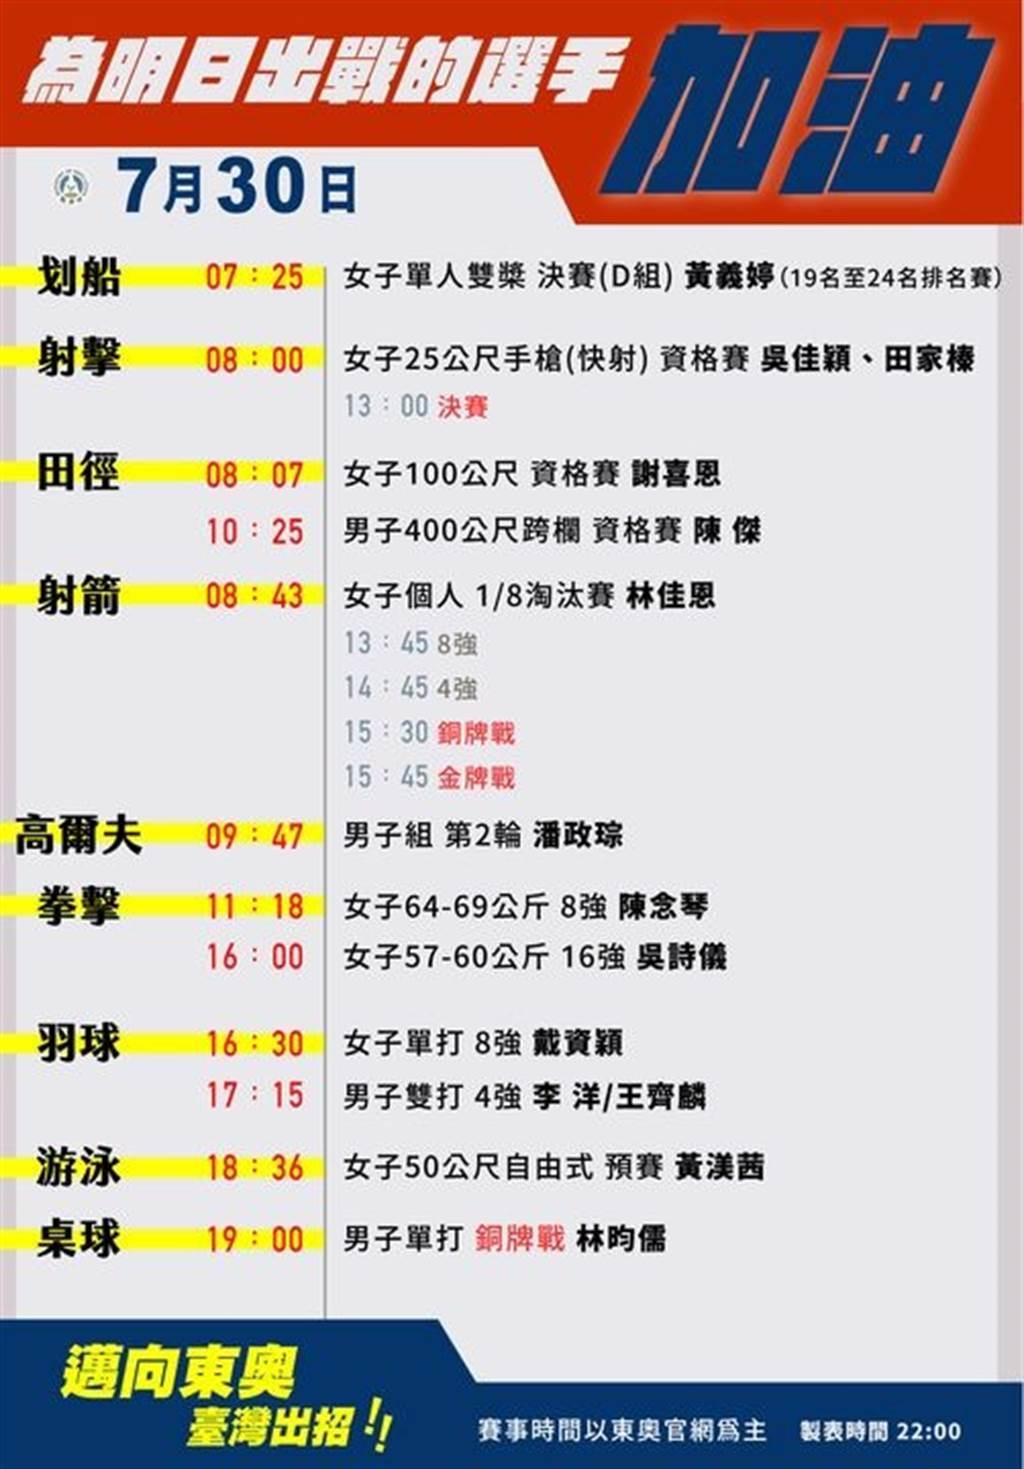 30日林昀儒再拚東奧桌球銅牌,羽球麟洋配爭搶決賽門票。圖/摘自 教育部FB粉專